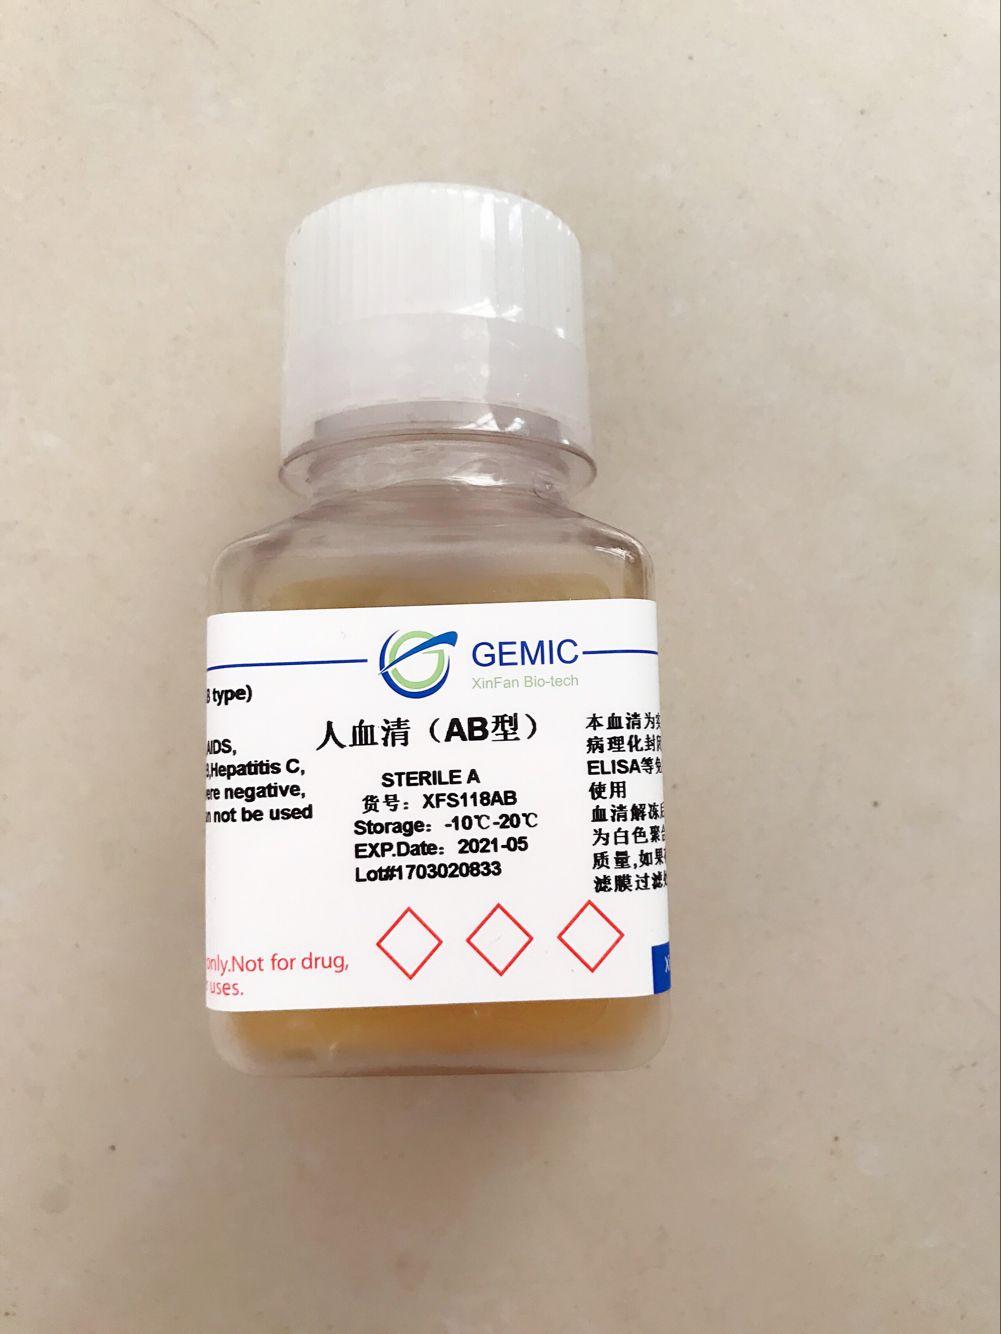 人血清 混合型(科研用)